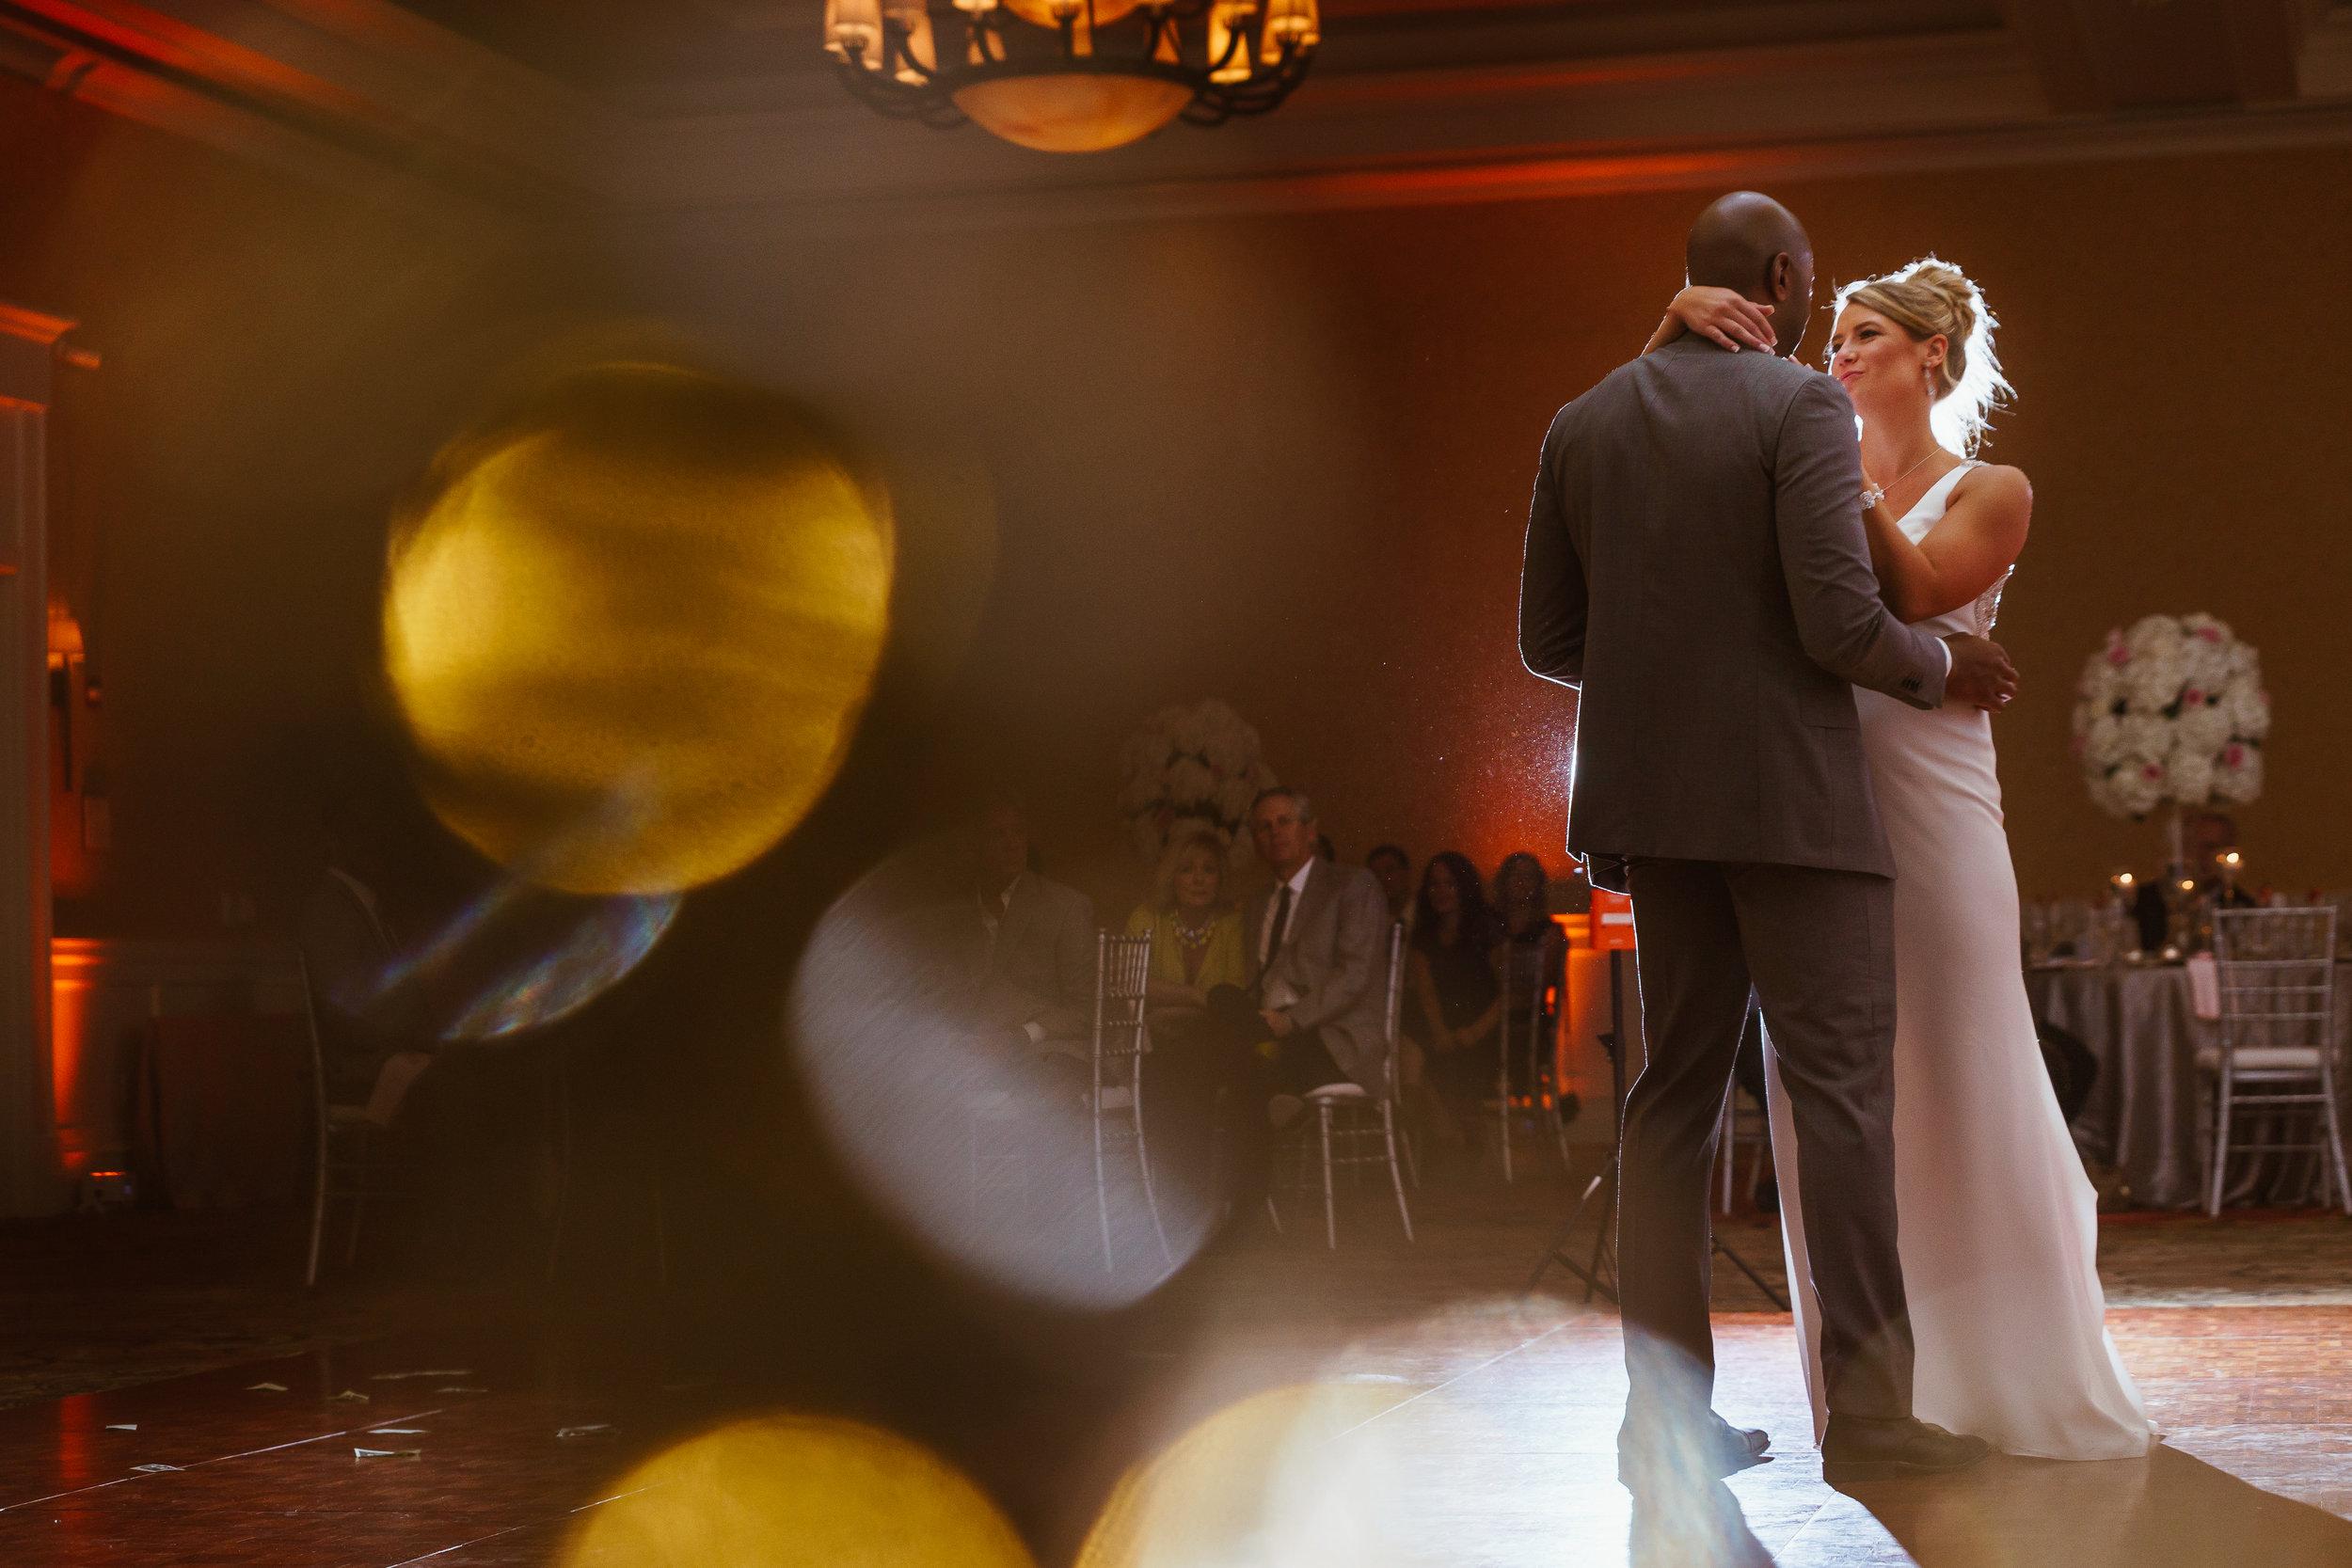 Tampa wedding photographer, Tampa wedding, Tampa photographer, Tampa videographer